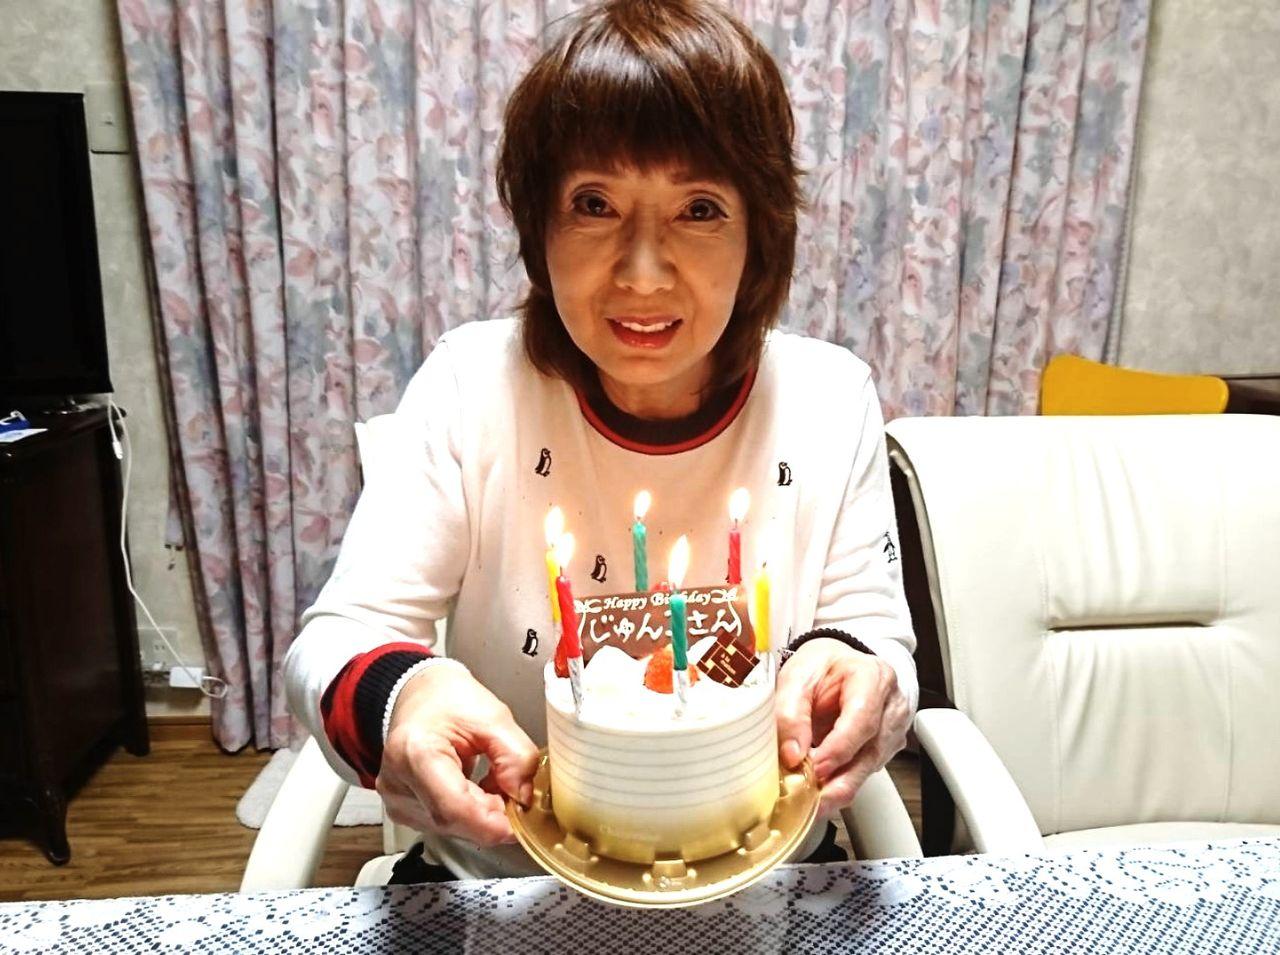 今日は田代純子のバースデー✨  ゴージャス松野の『ゴージャスコラム』